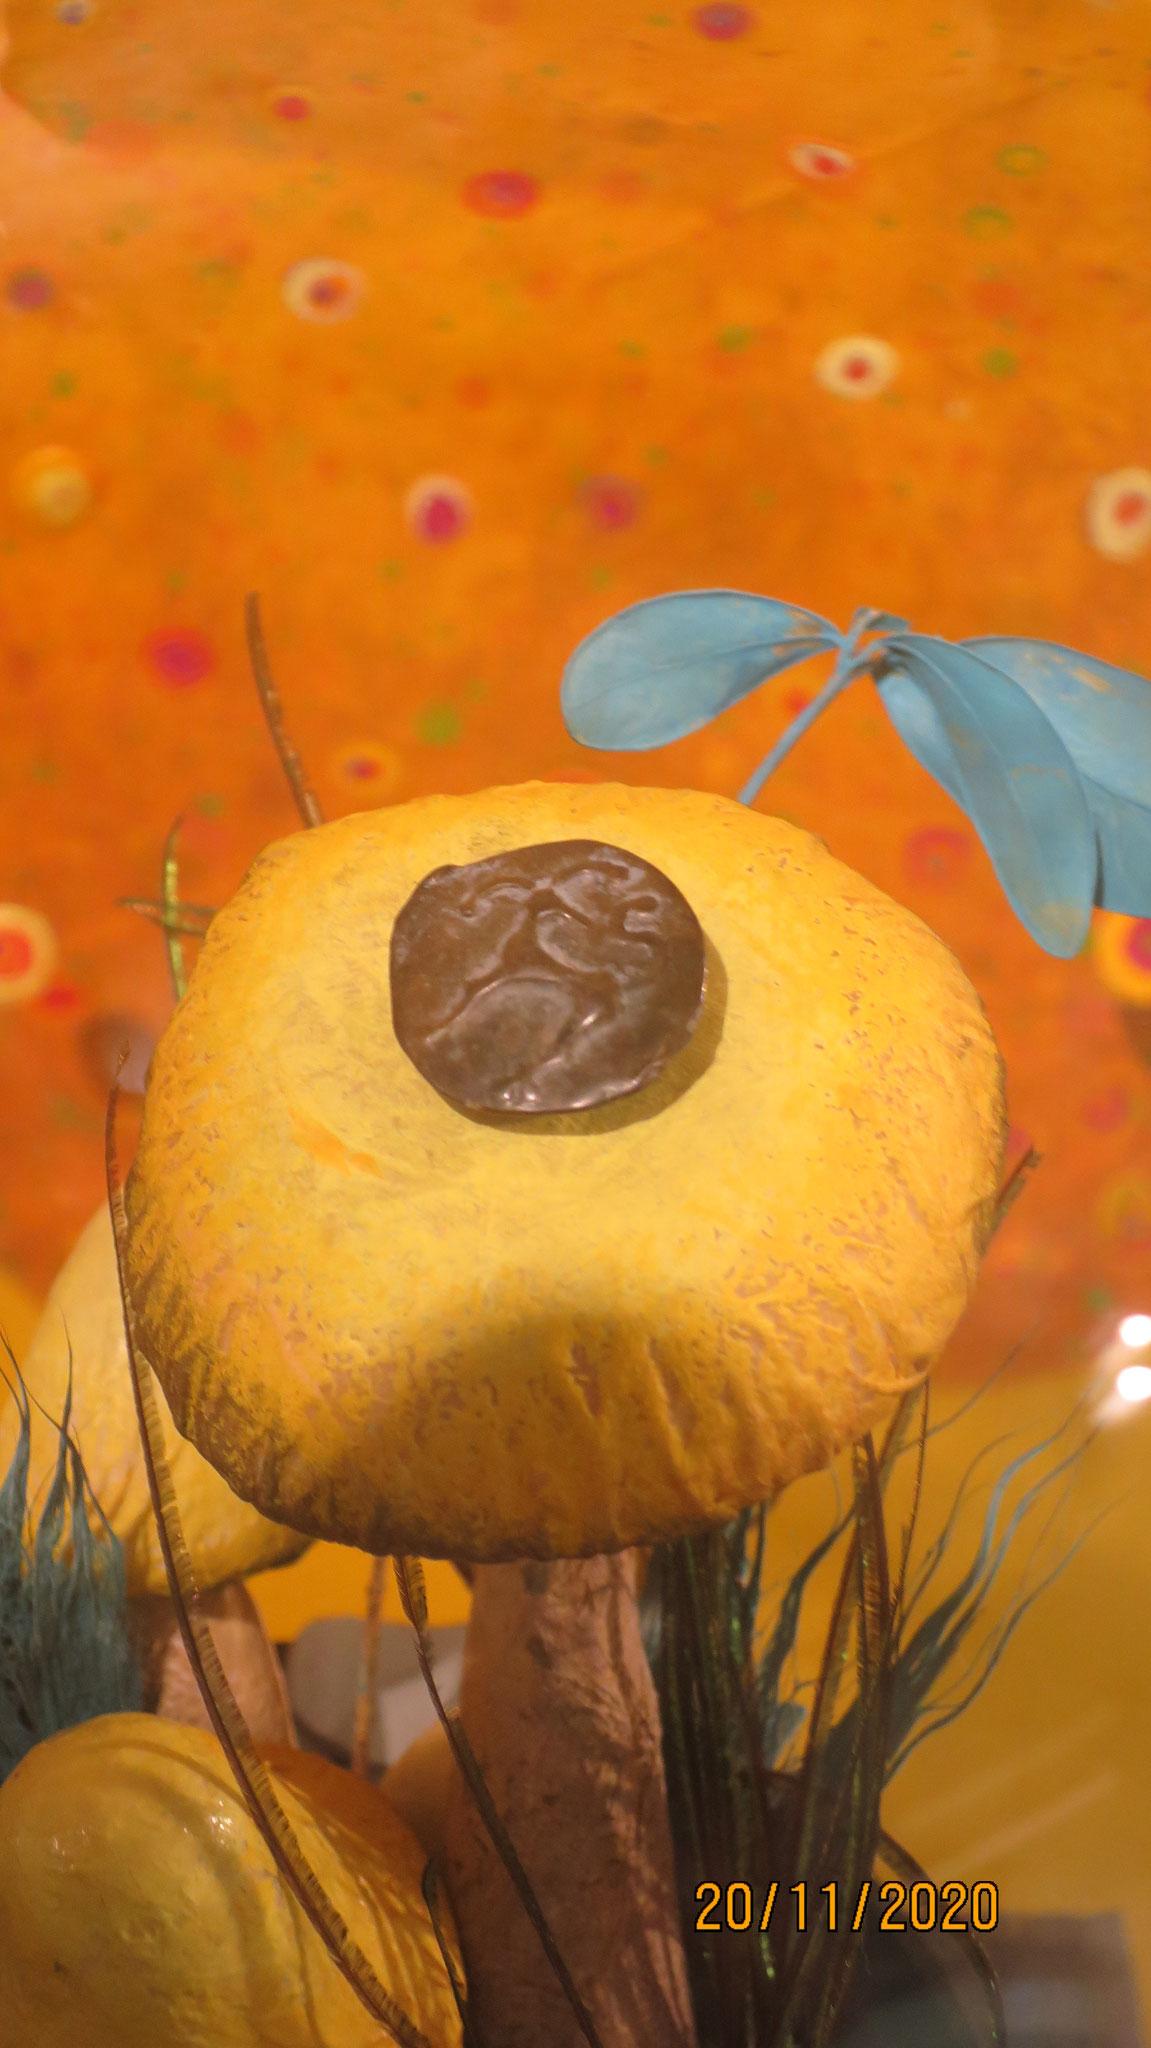 Am Eingang der Ausstellung liegt die älteste in Obwalden gefundene Münze unscheinbar auf einem Pilz. Im ersten Jahrhundert v. Chr. aus Potin, einer Bronze Legierung, gegossen.